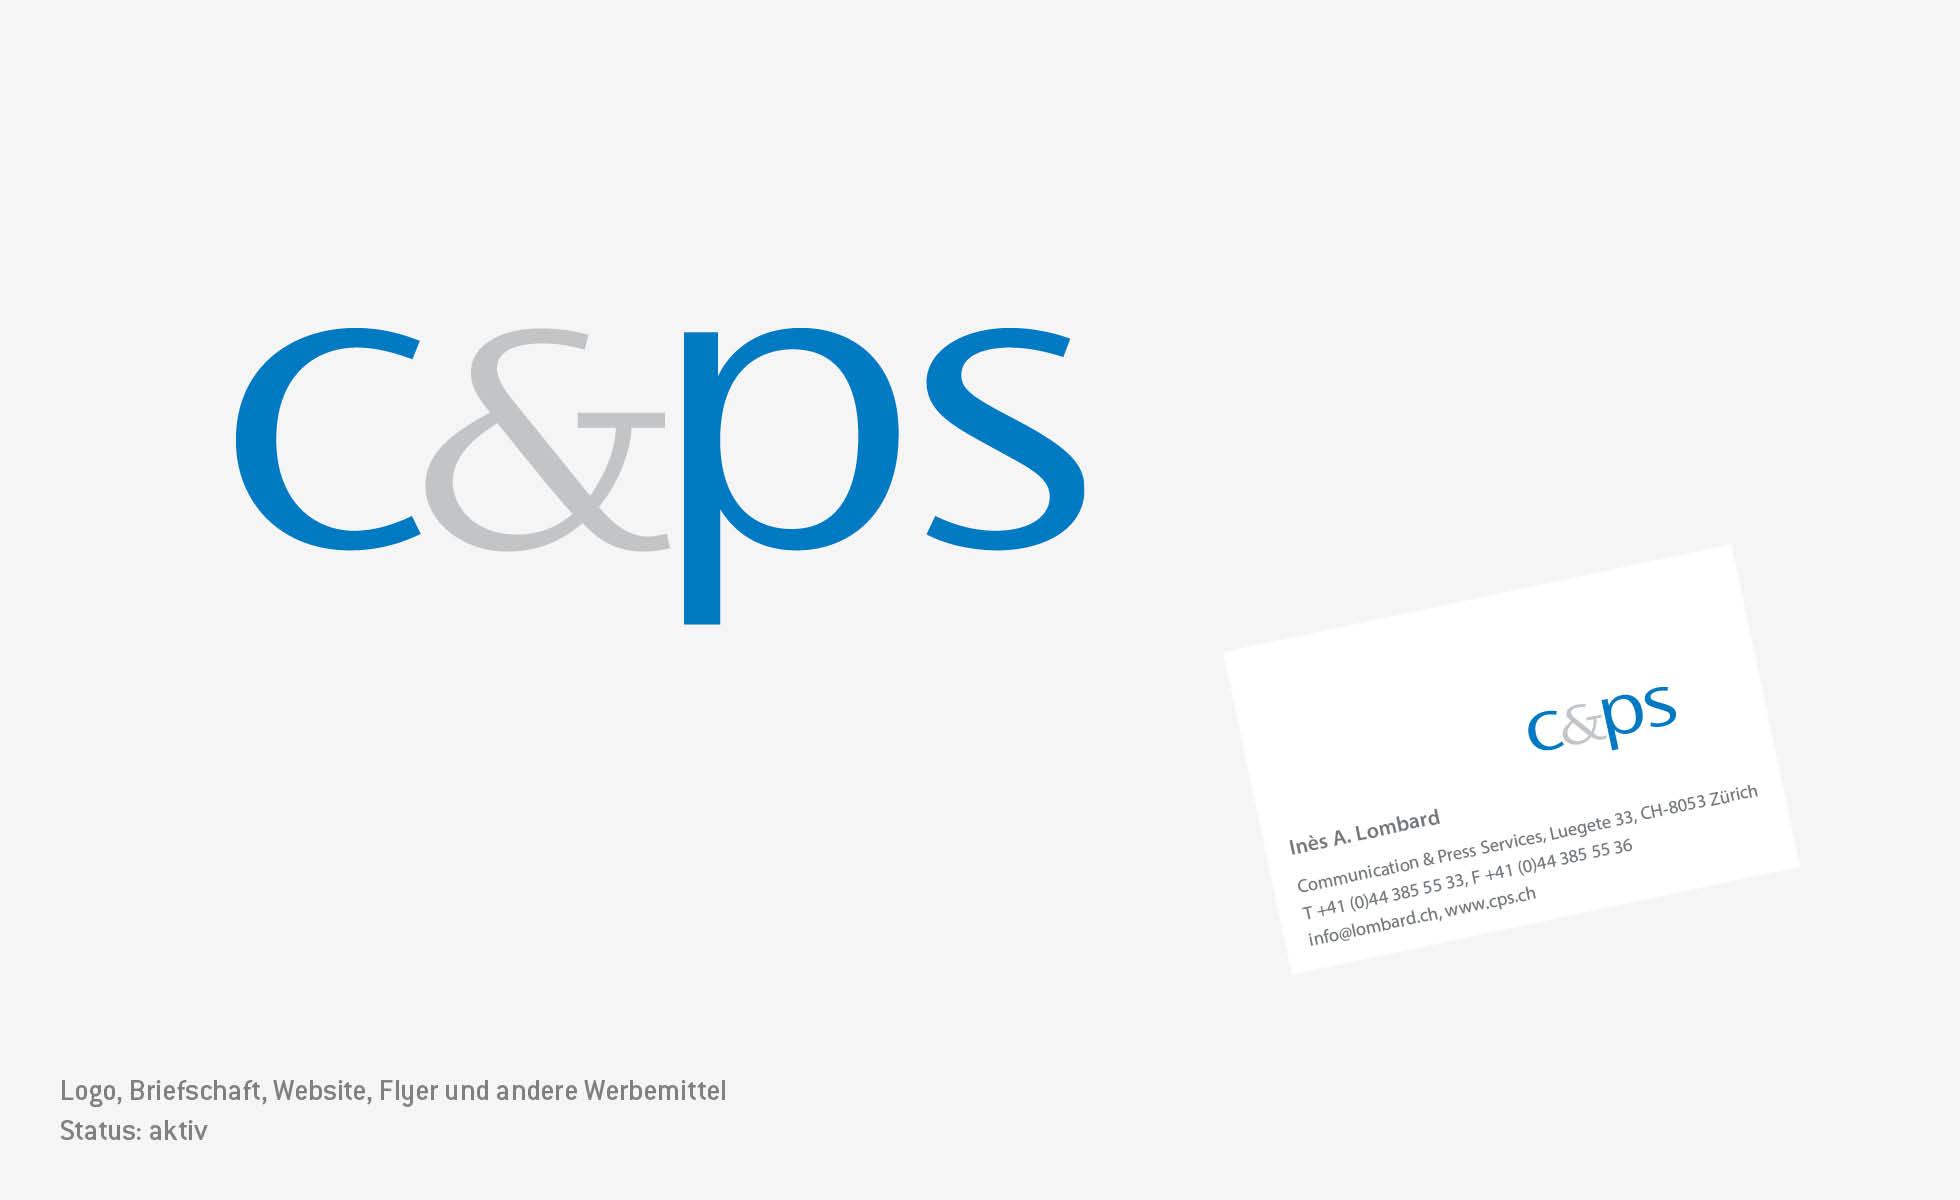 cd_logo_cps_01.jpg